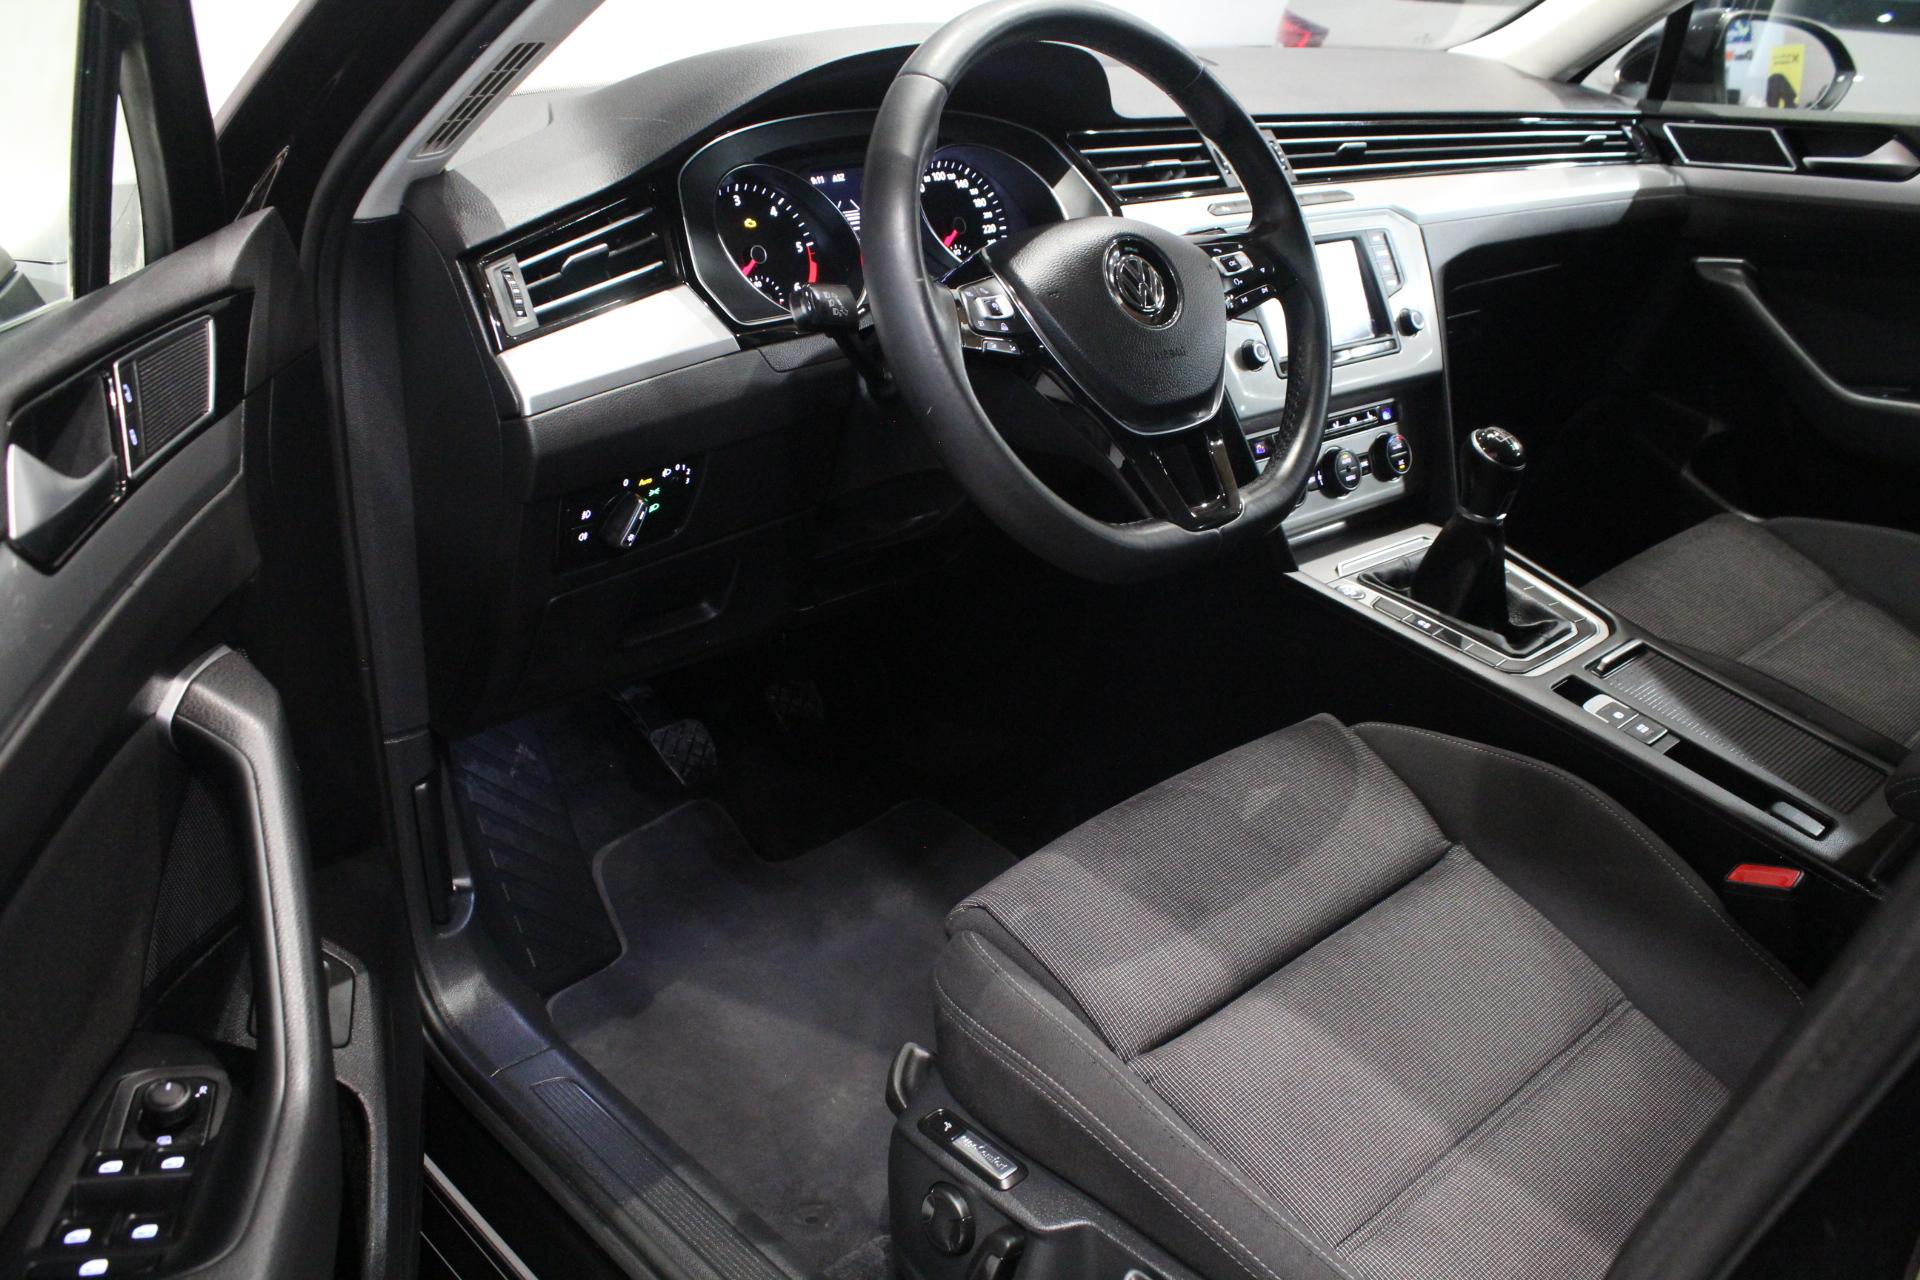 VW Passat B8 2.0 TDI - AutoBrela obrázek